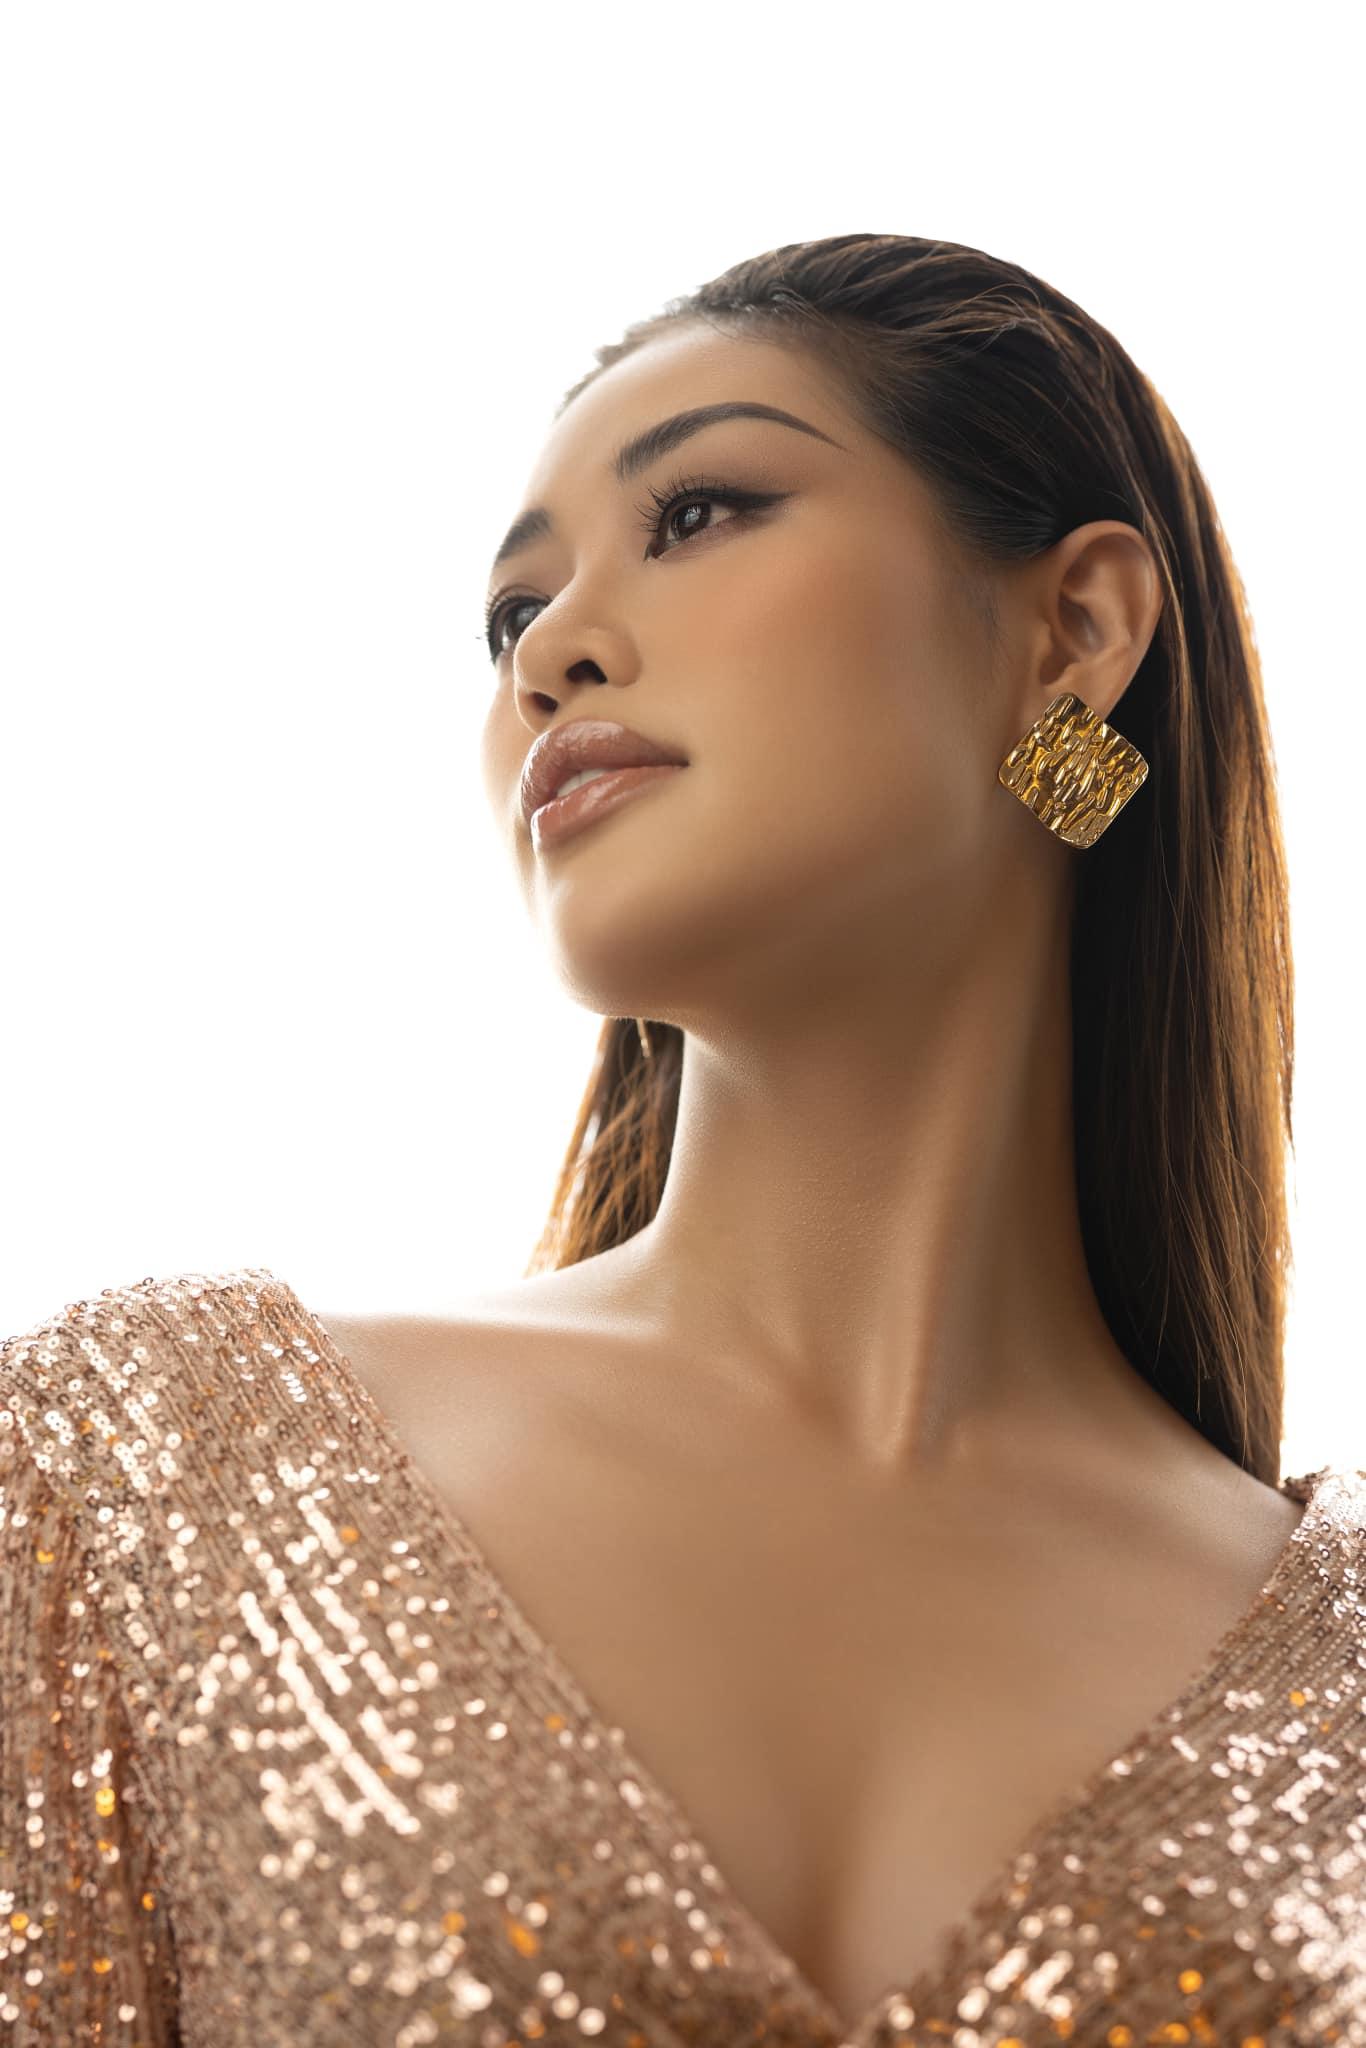 Sắp tới, cô đồng hành cuộc thi Hoa hậu Hoàn vũ Việt Nam 2021 để tìm kiếm người kế nhiệm.